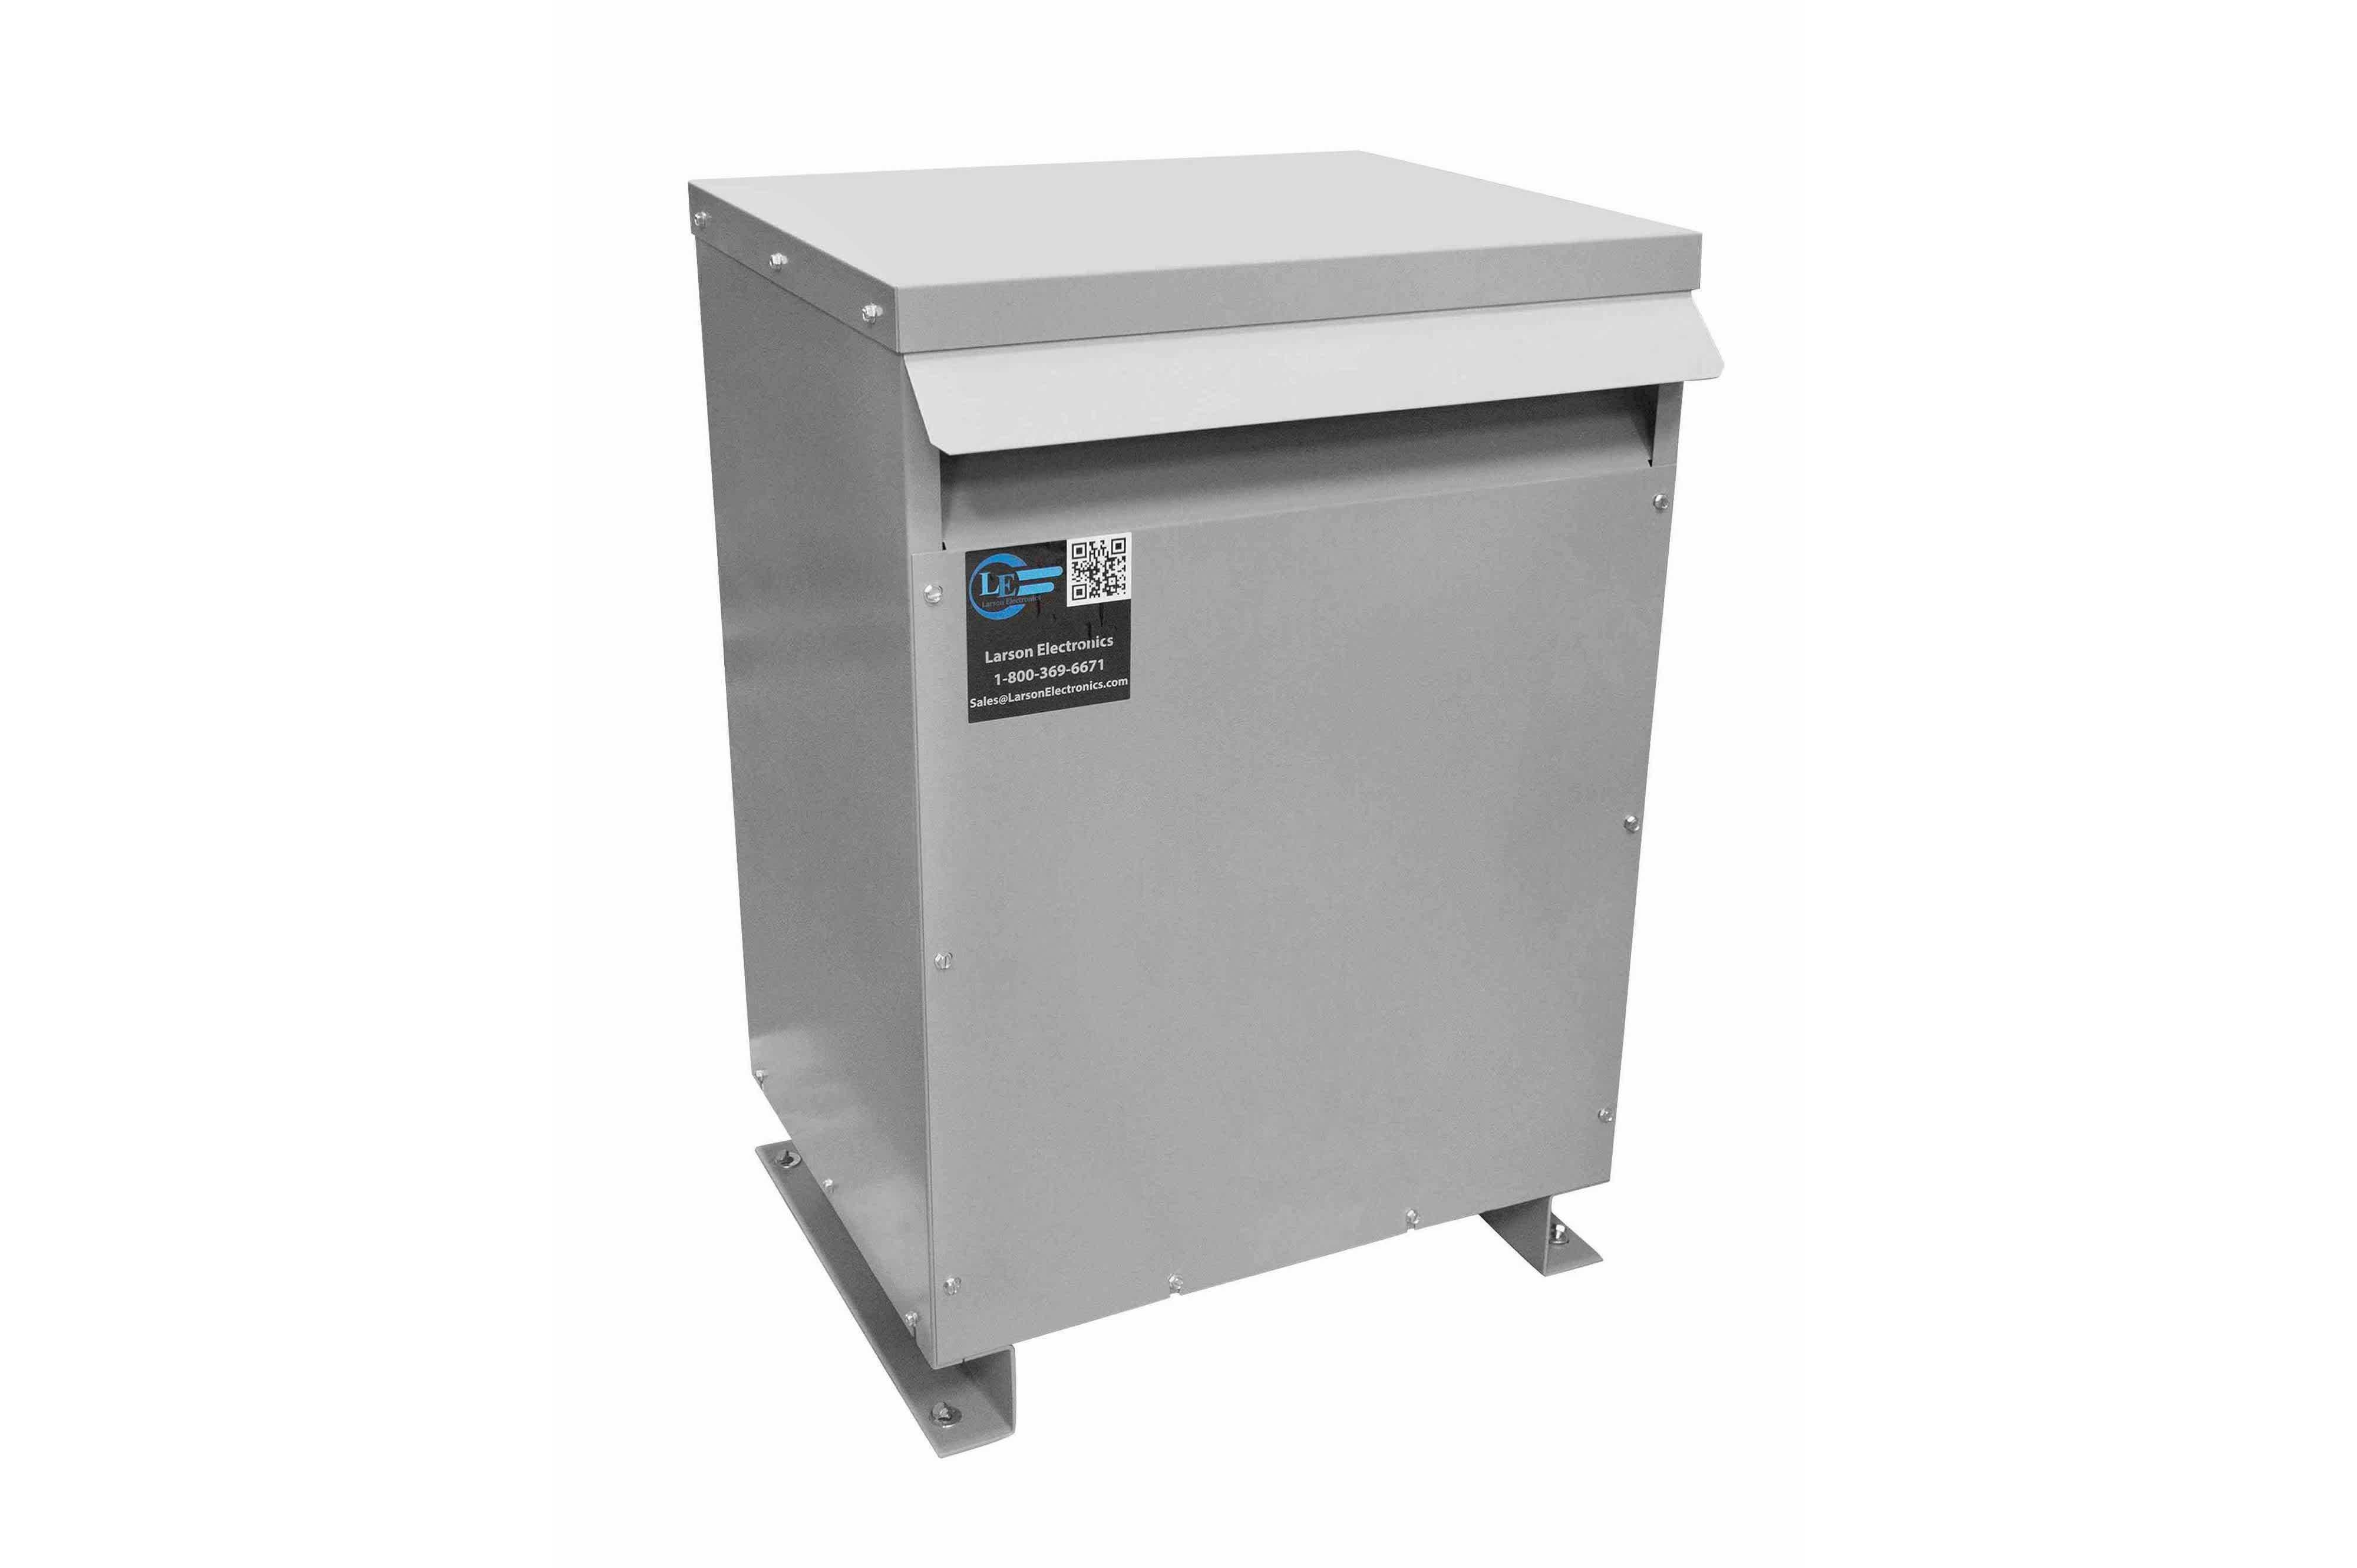 37.5 kVA 3PH Isolation Transformer, 460V Delta Primary, 415V Delta Secondary, N3R, Ventilated, 60 Hz